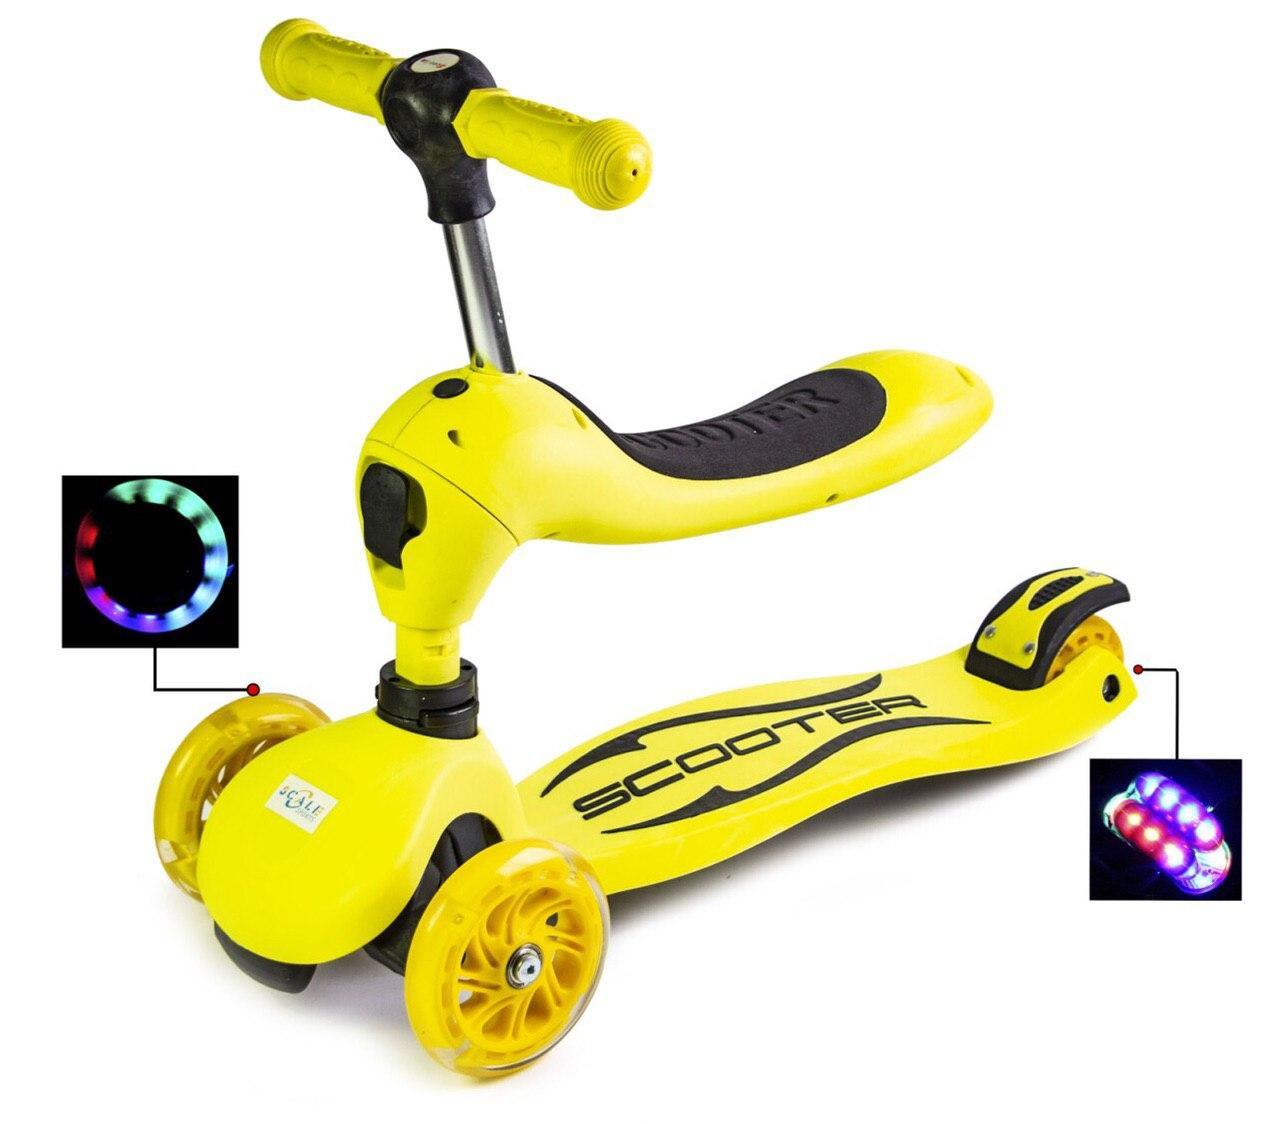 Самокат Трансформер 5 в 1 Scale Sports для детей, от 2 лет, Жёлтый